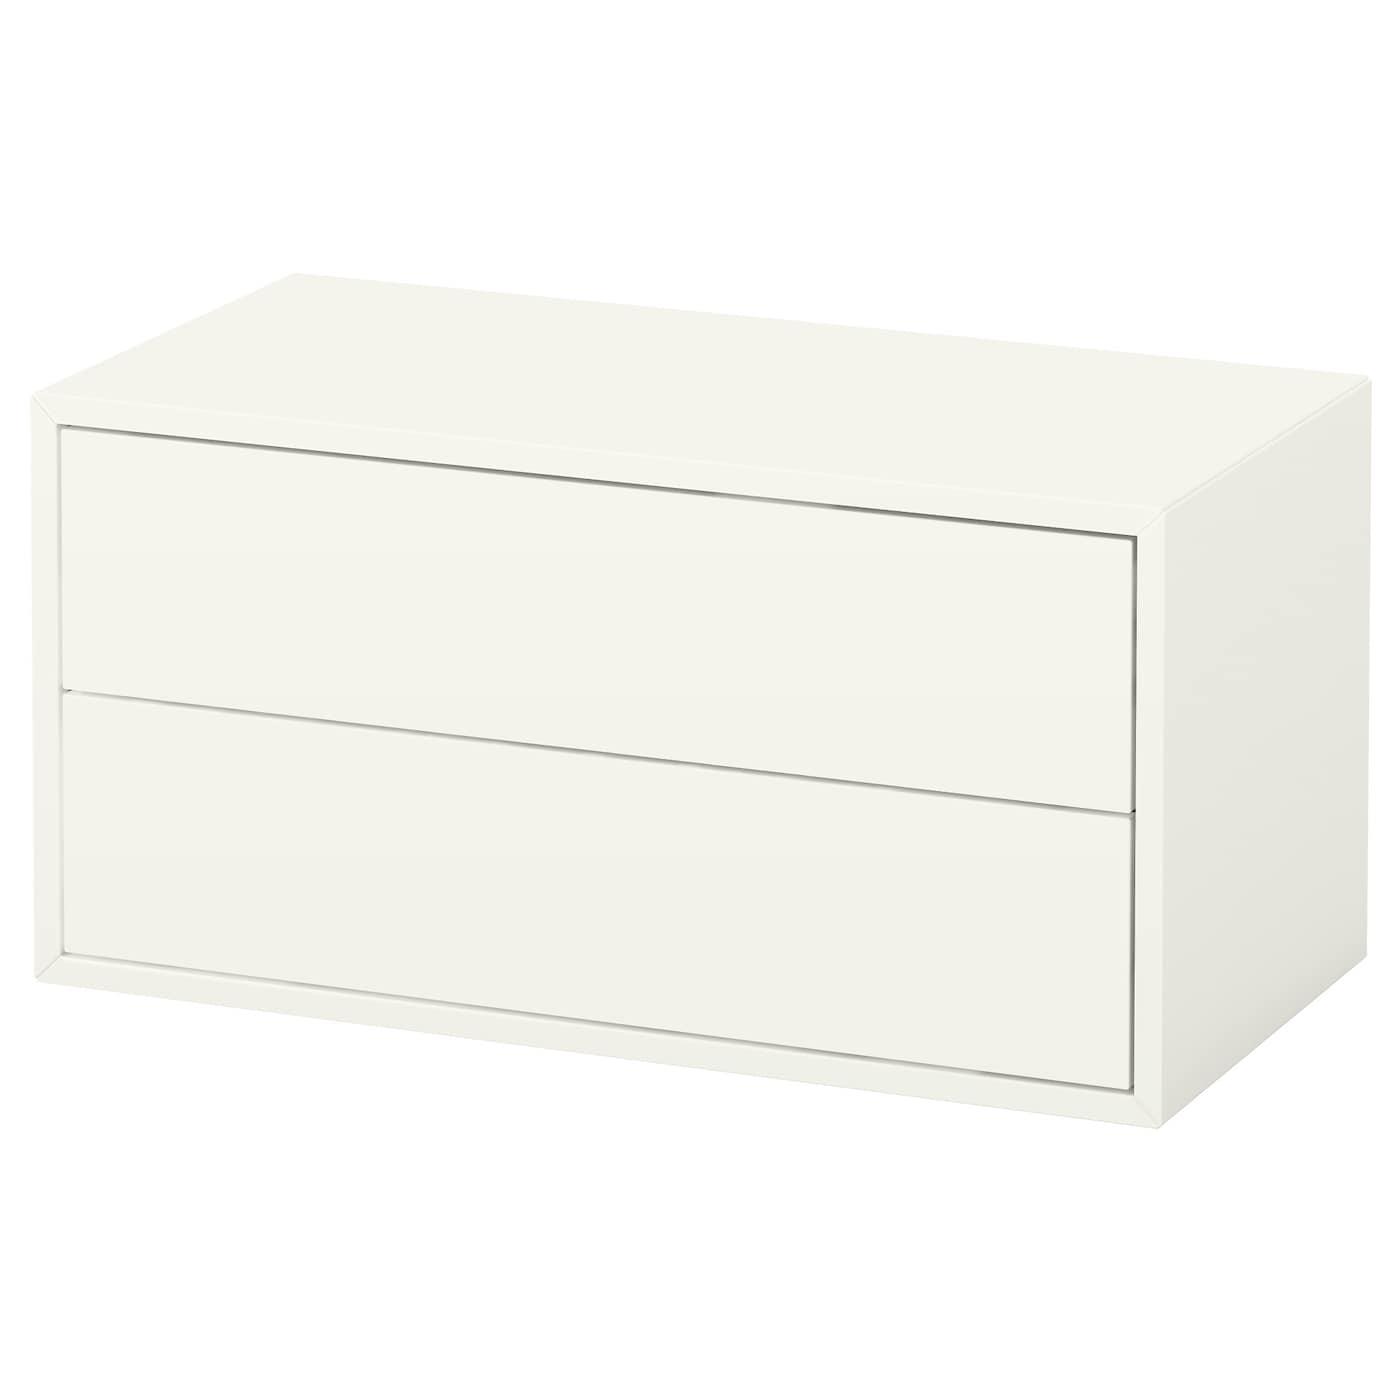 Eket Schrank Mit 2 Schubladen Weiss Hier Kaufen Ikea Deutschland